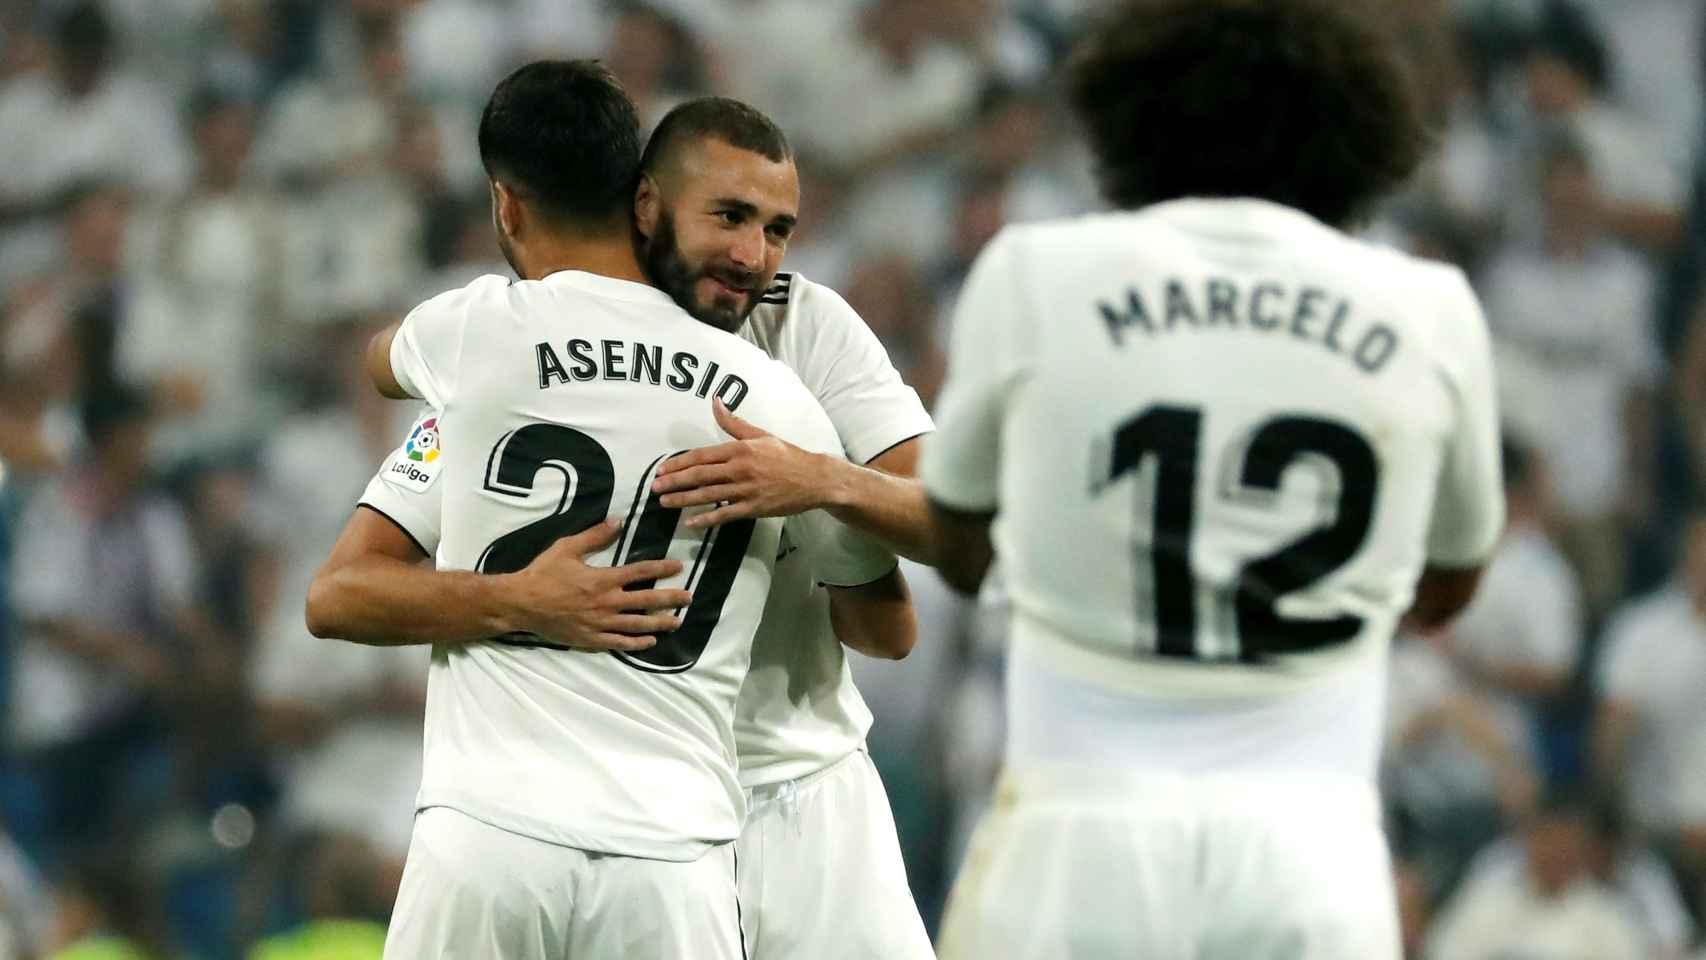 Benzema y Asensio, celebran un gol